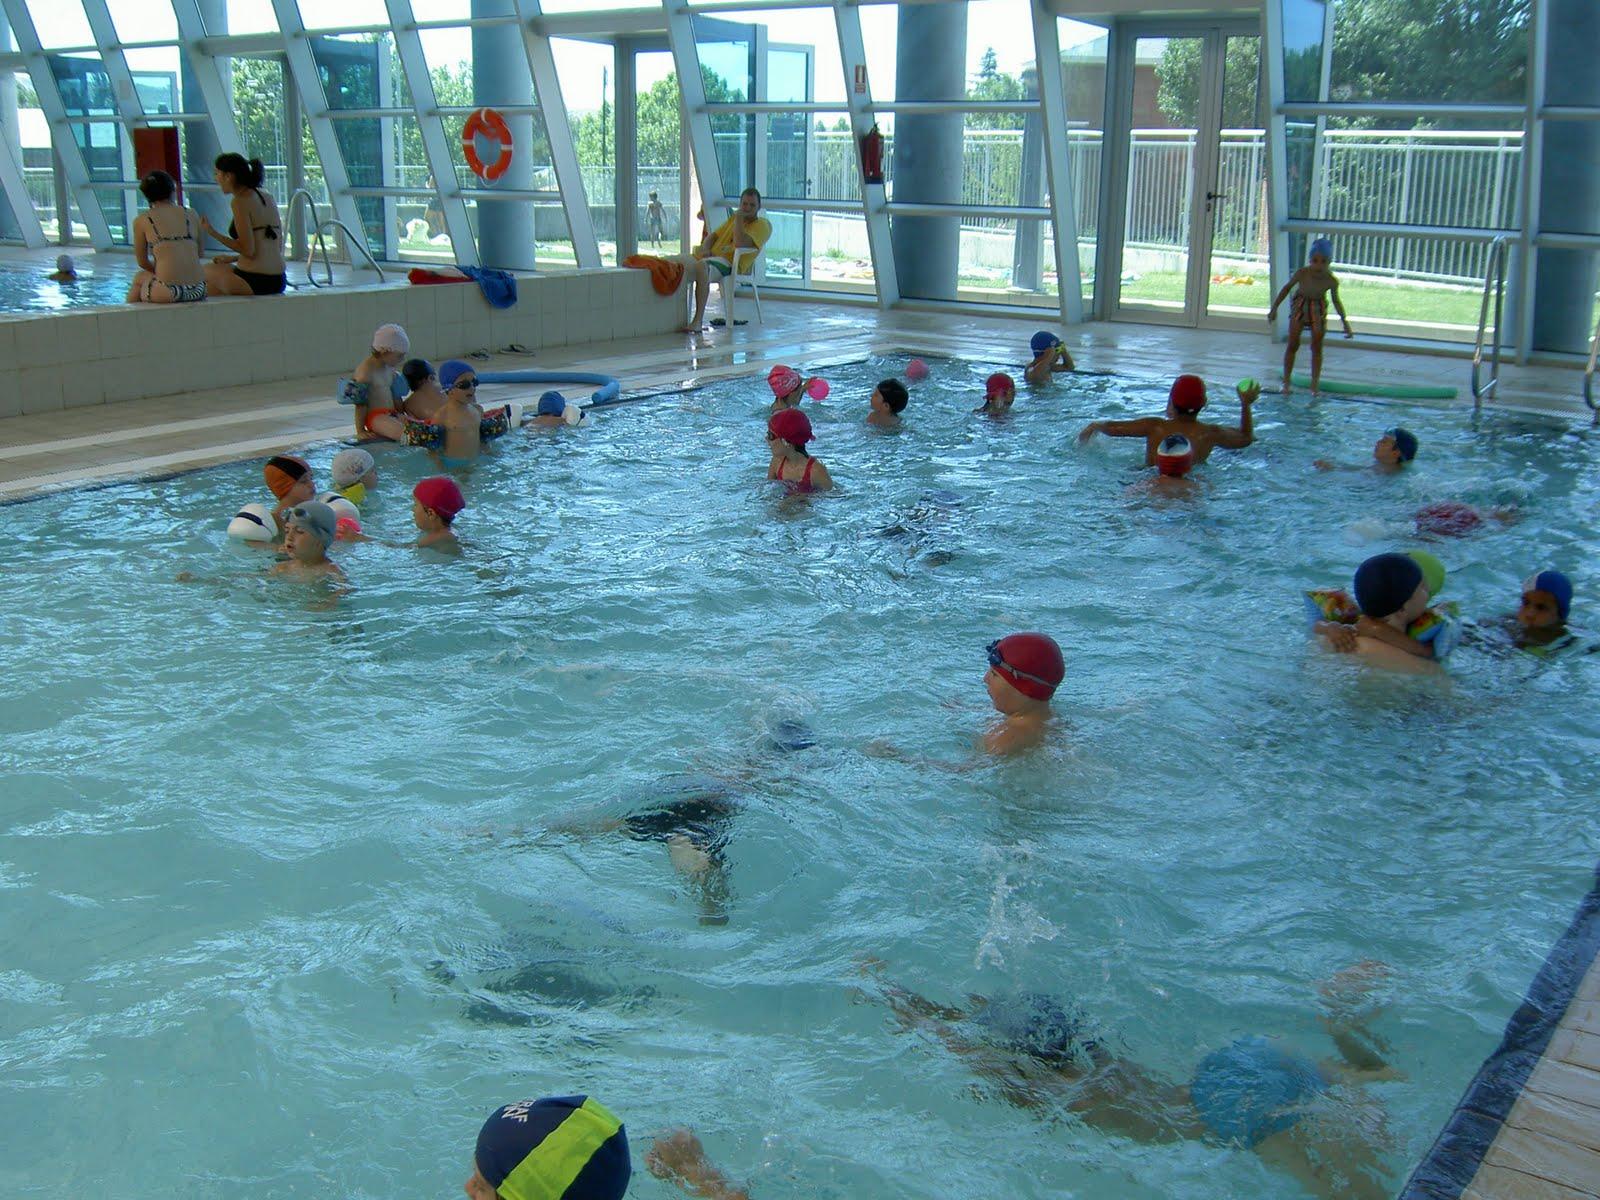 Miniclub soto del real juegos tradicionales y piscina for Piscinas soto